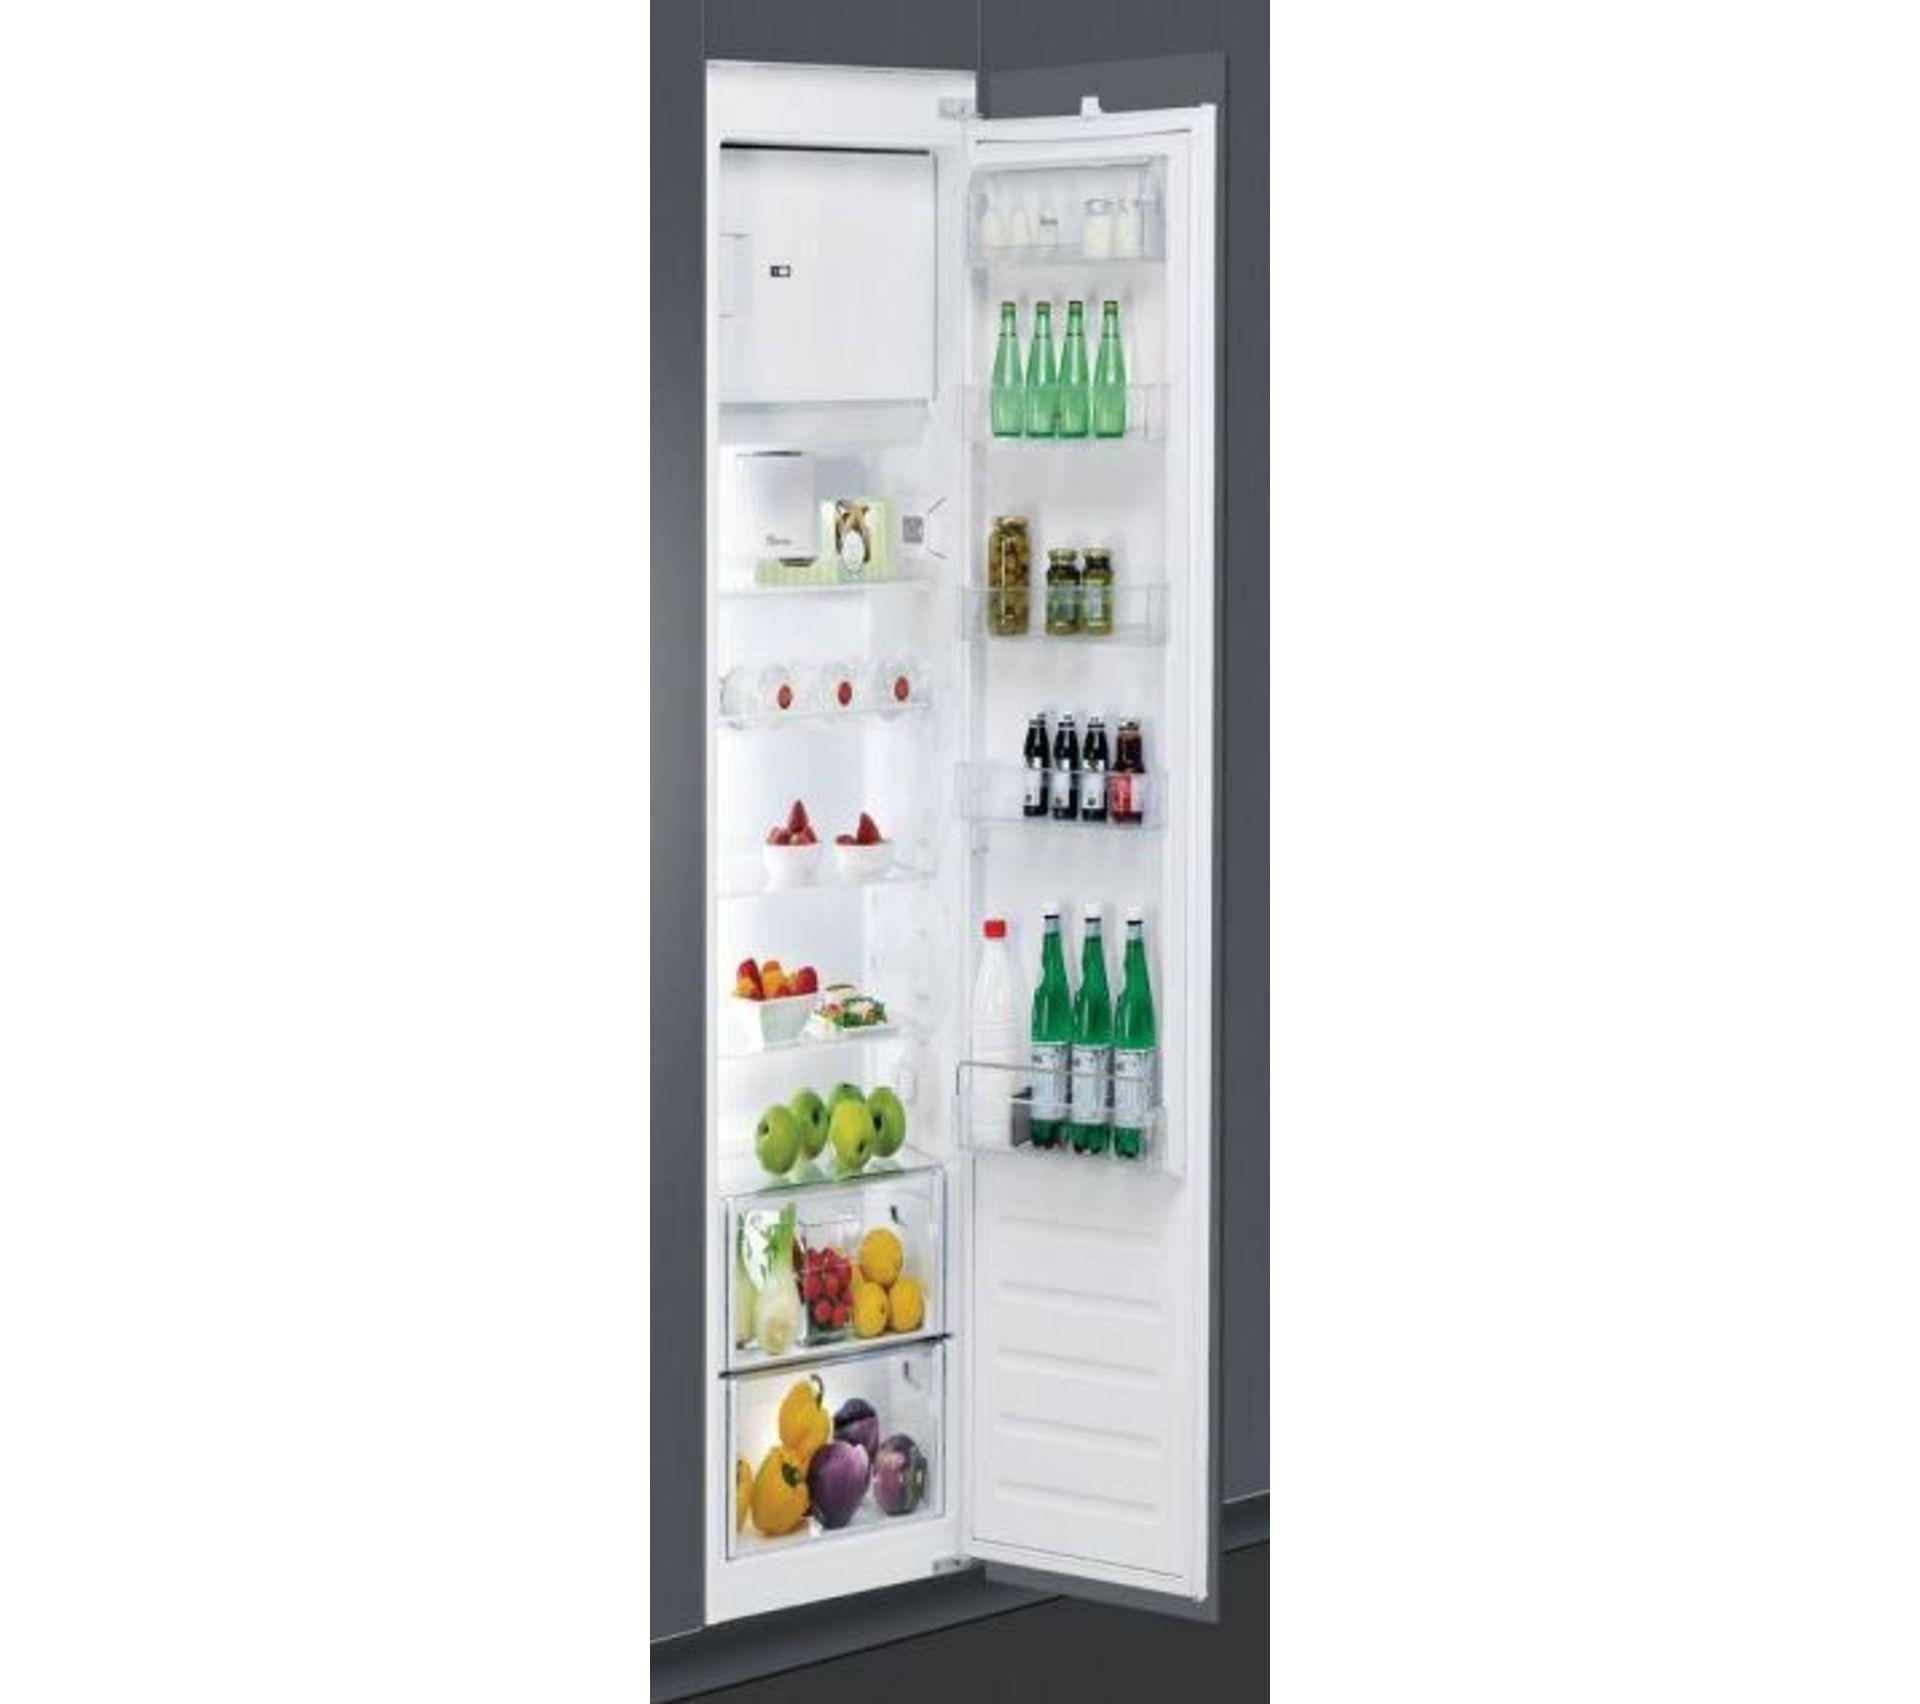 Nouveau réfrigérateur 472x328mm plateau verre INDESIT ARISTON c00143042 original